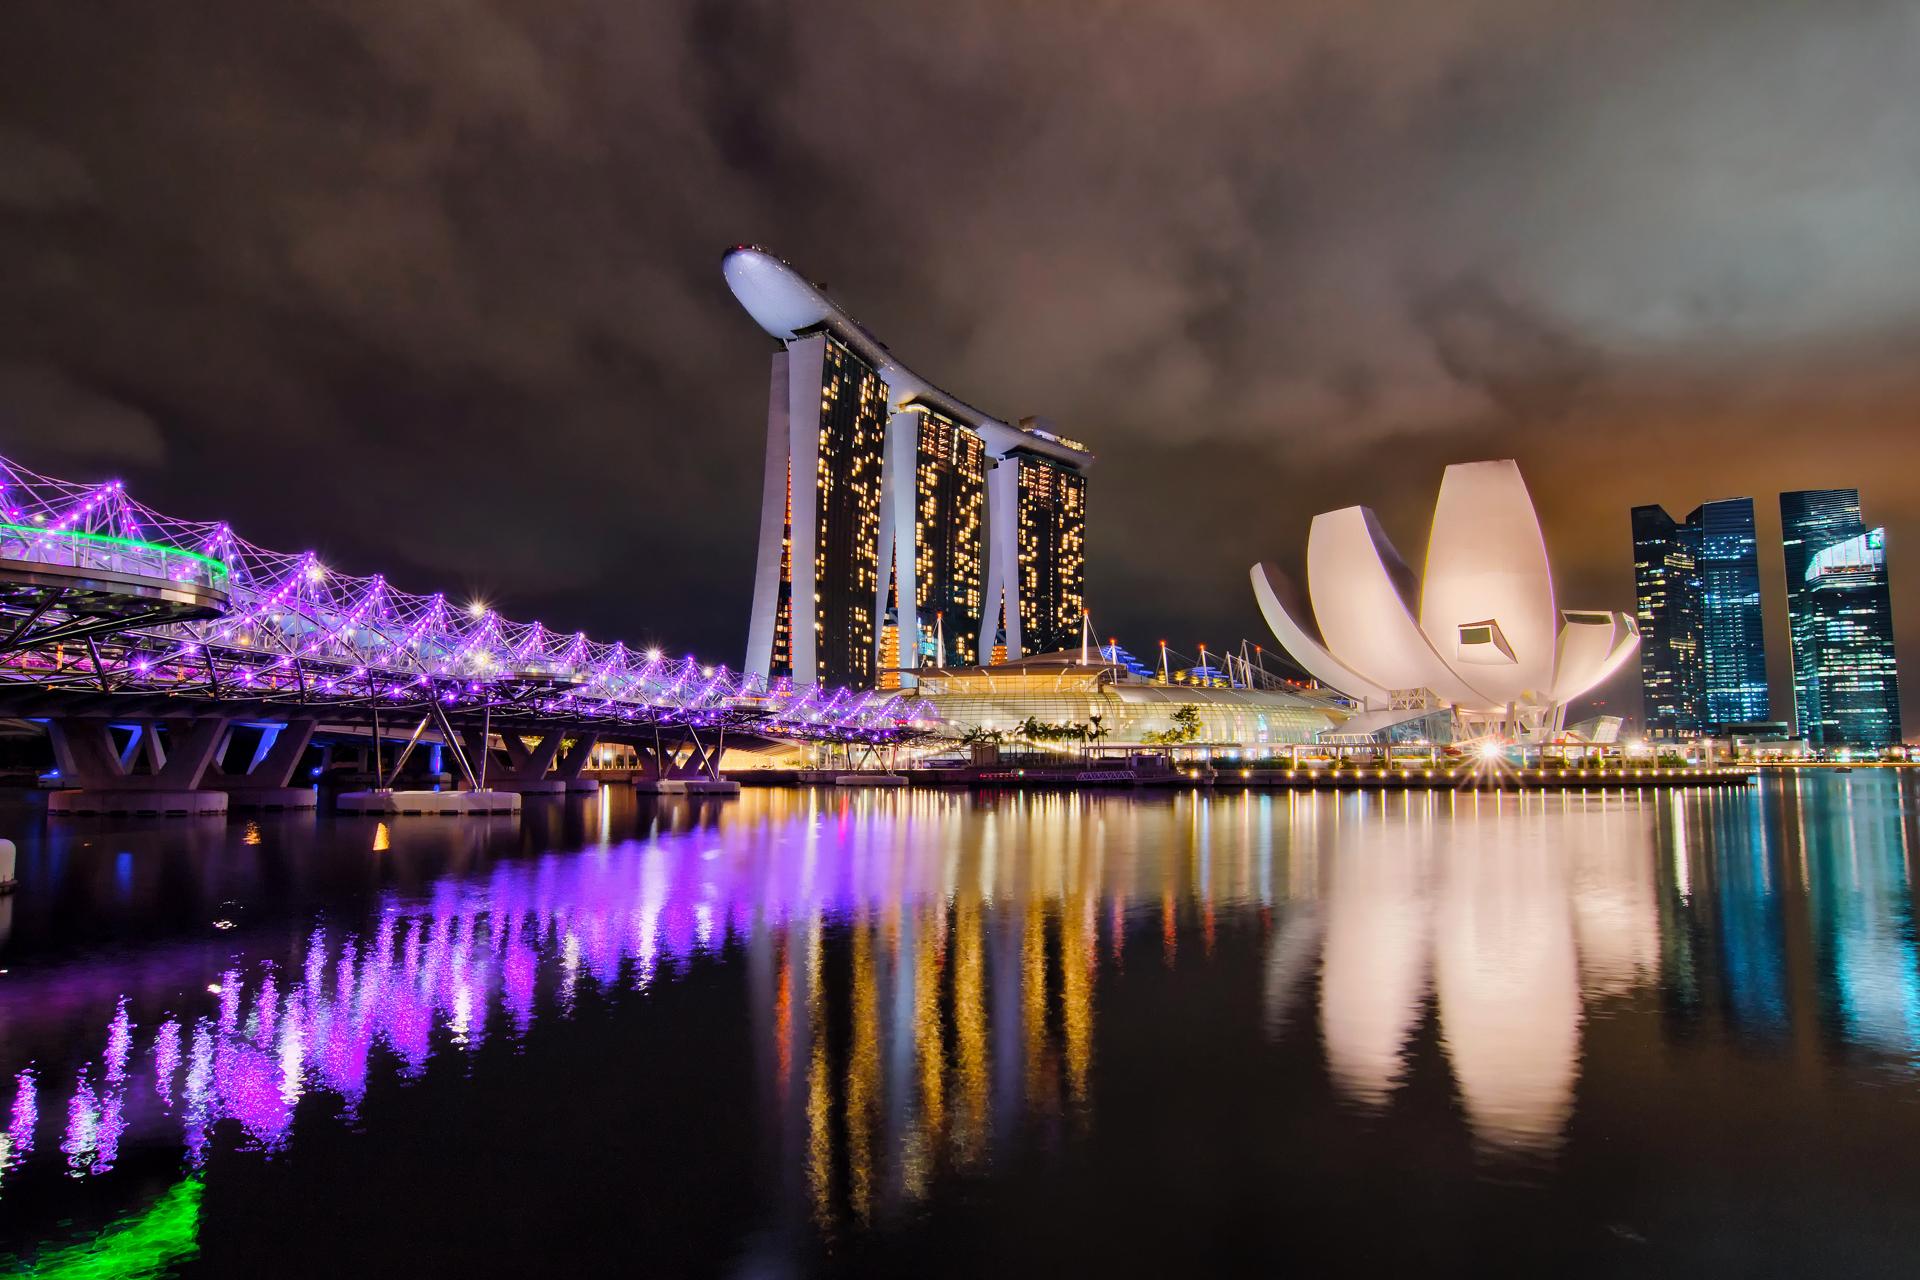 страны архитектура Сингапур ночь  № 1476074 загрузить